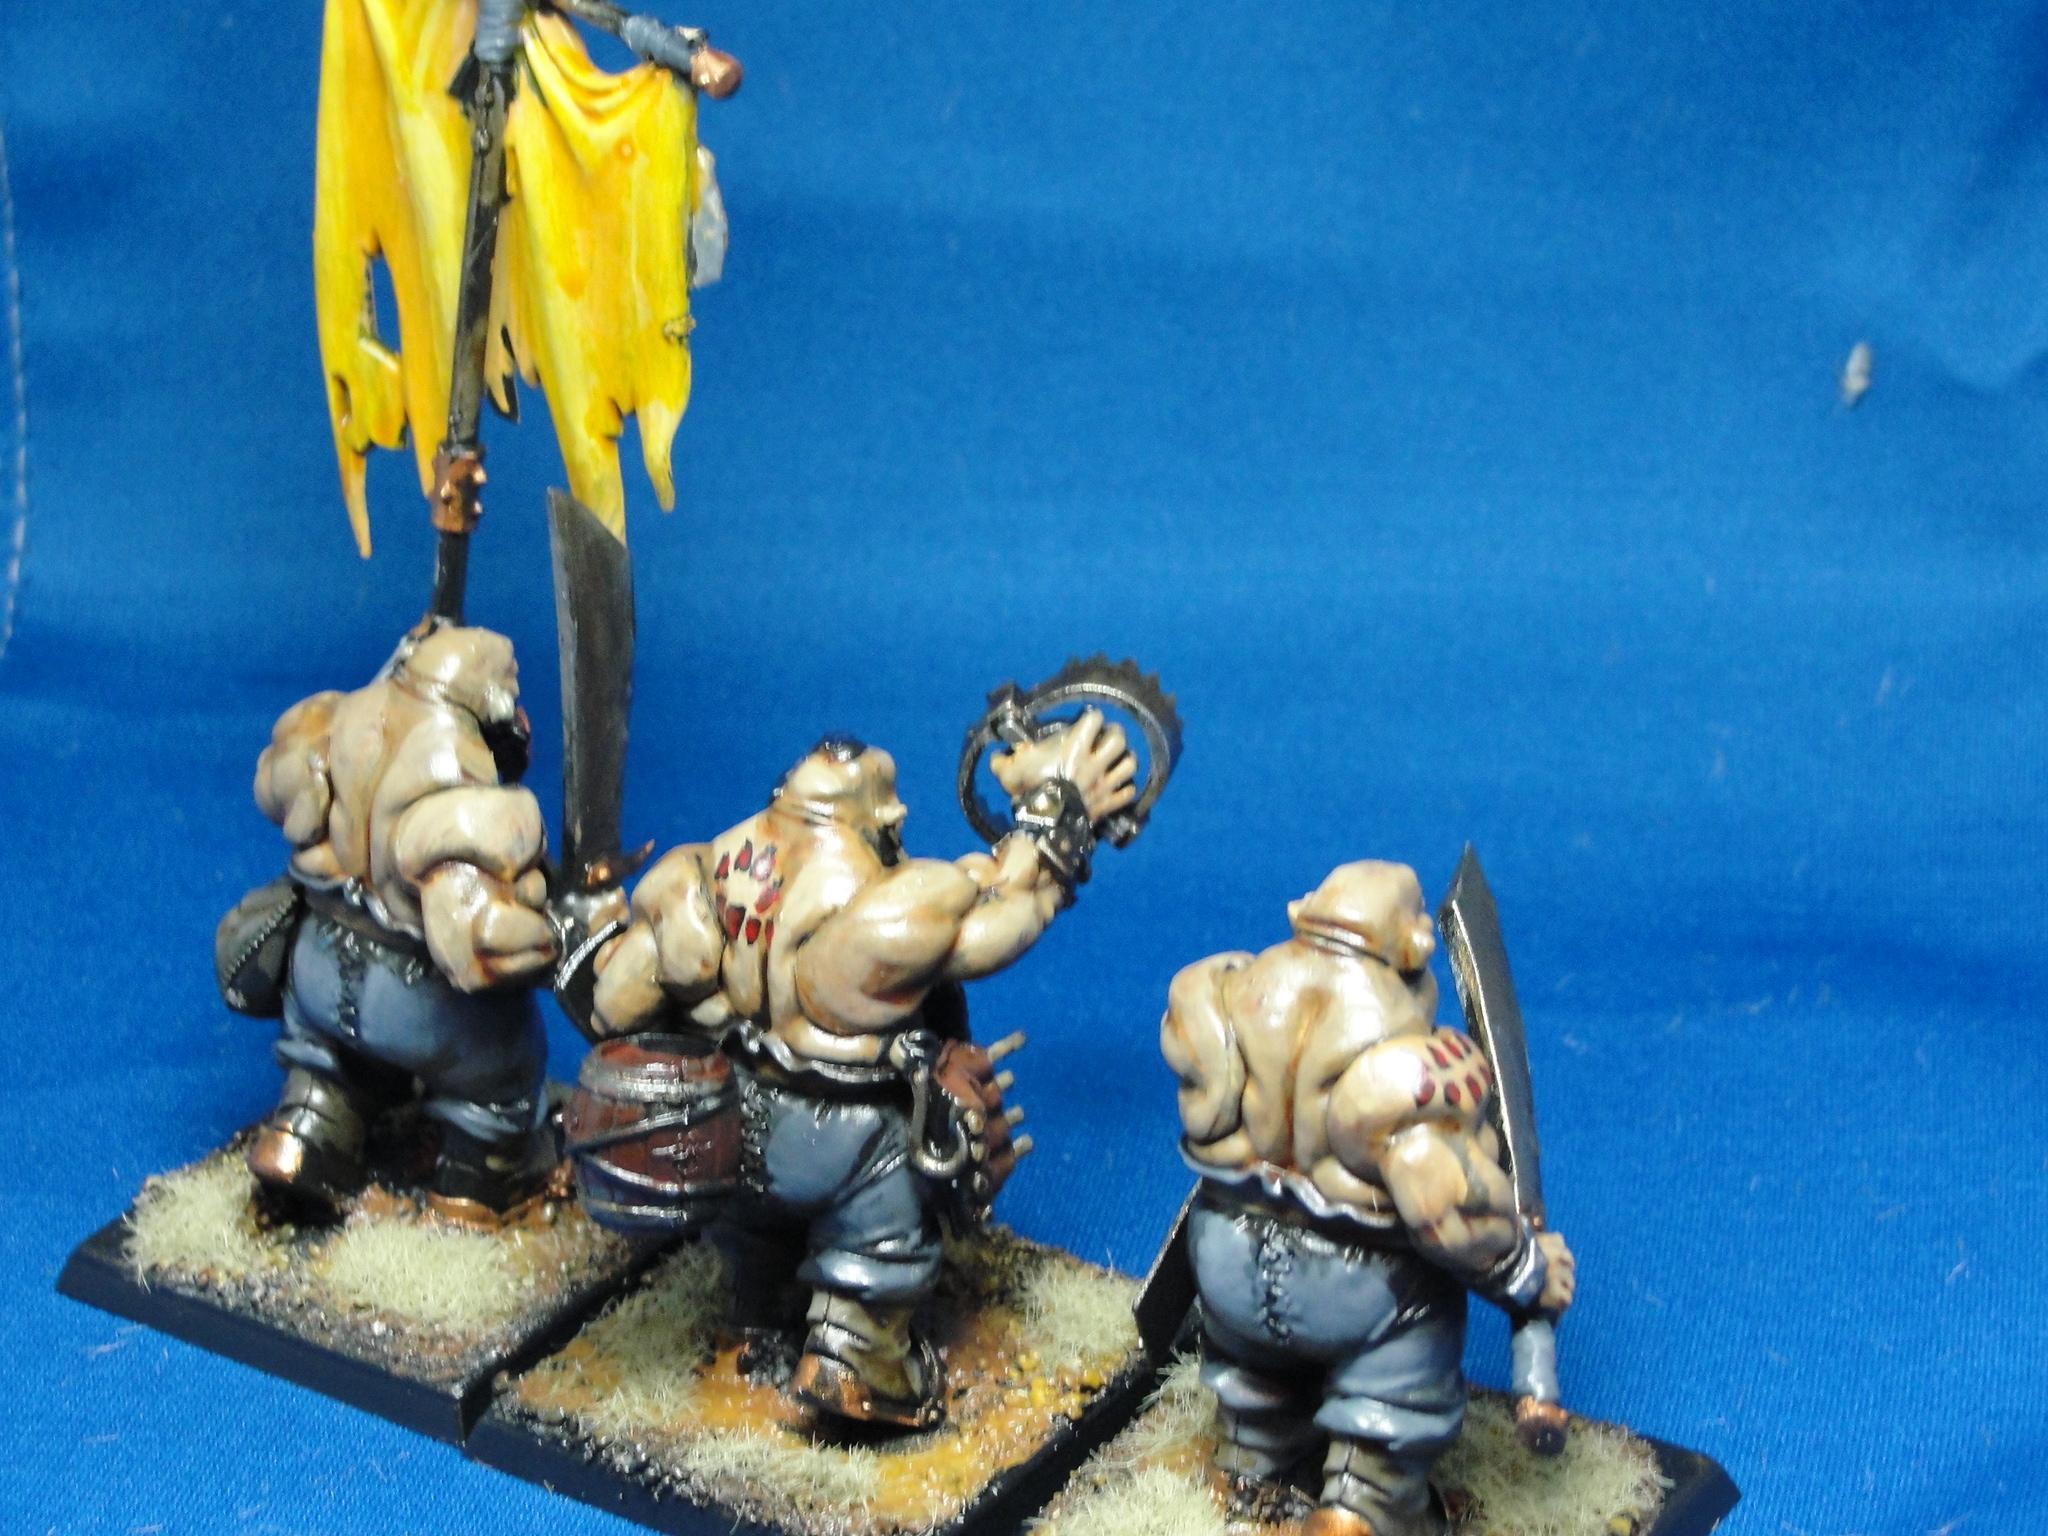 Ogres, Warhammer Fantasy, Ogre Kingdoms, Ogre Bulls